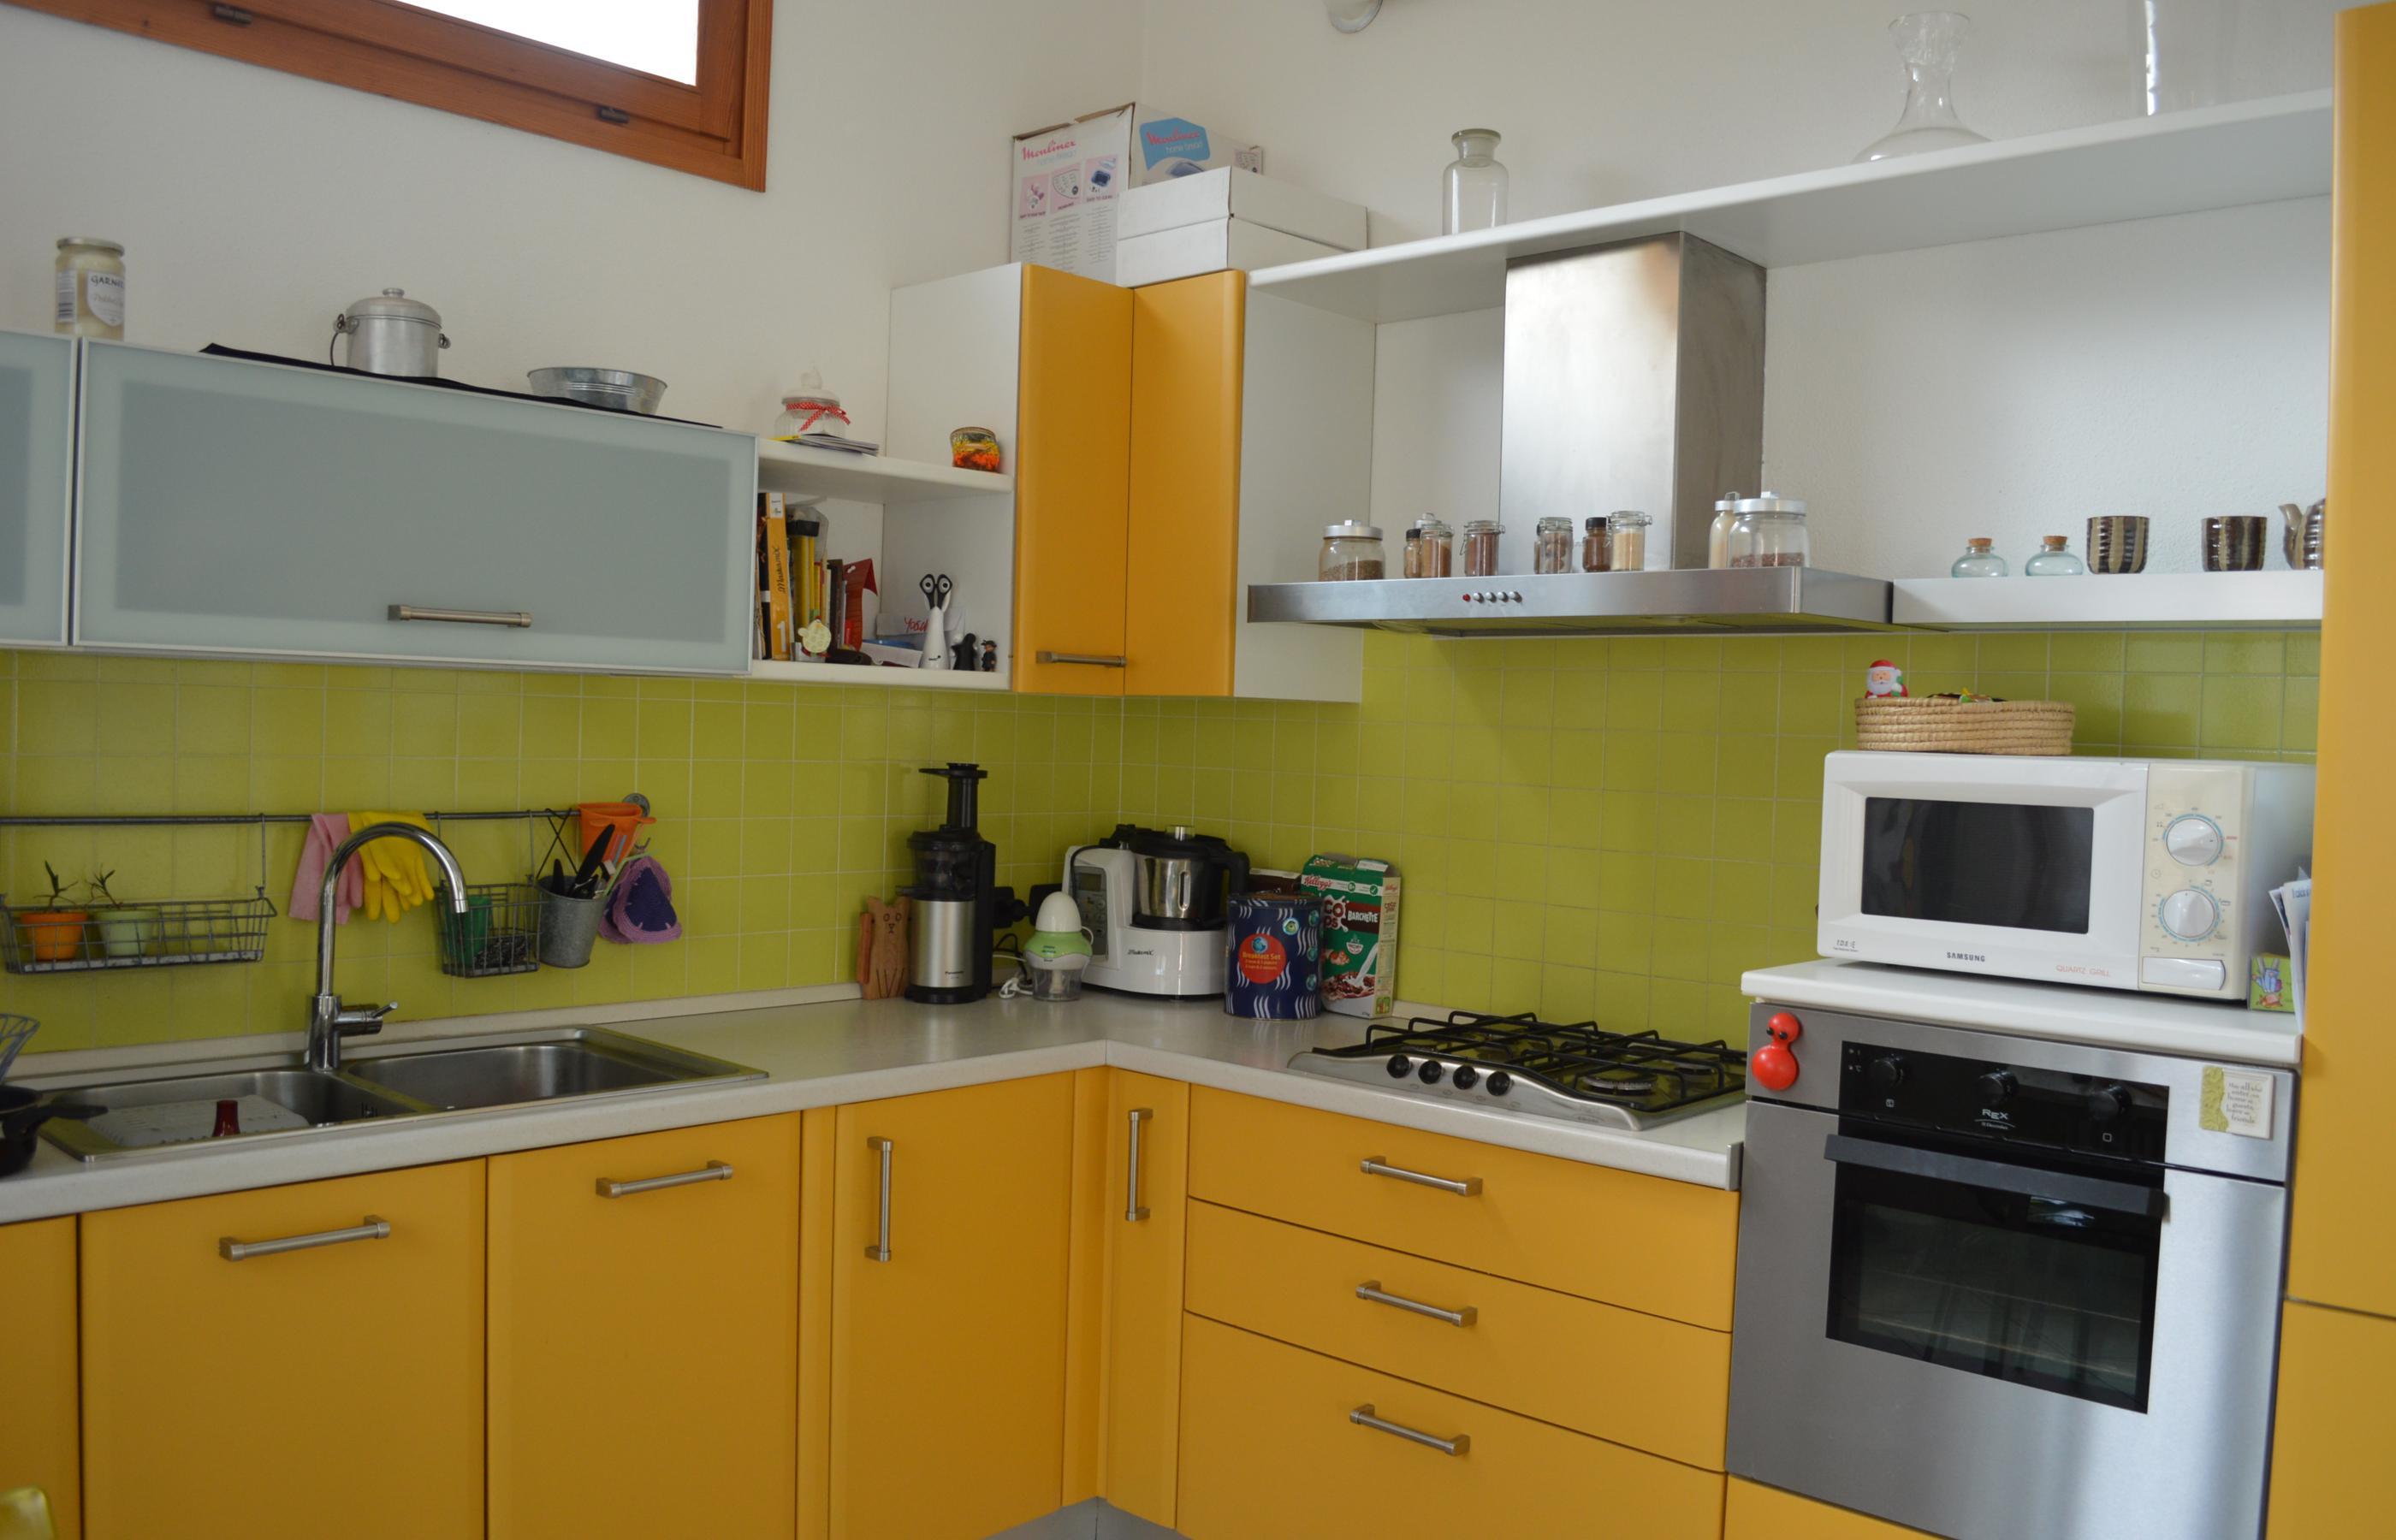 Carcegna appartamento con due camere e giardino ortalloggi for Piani casa 1800 a 2200 piedi quadrati